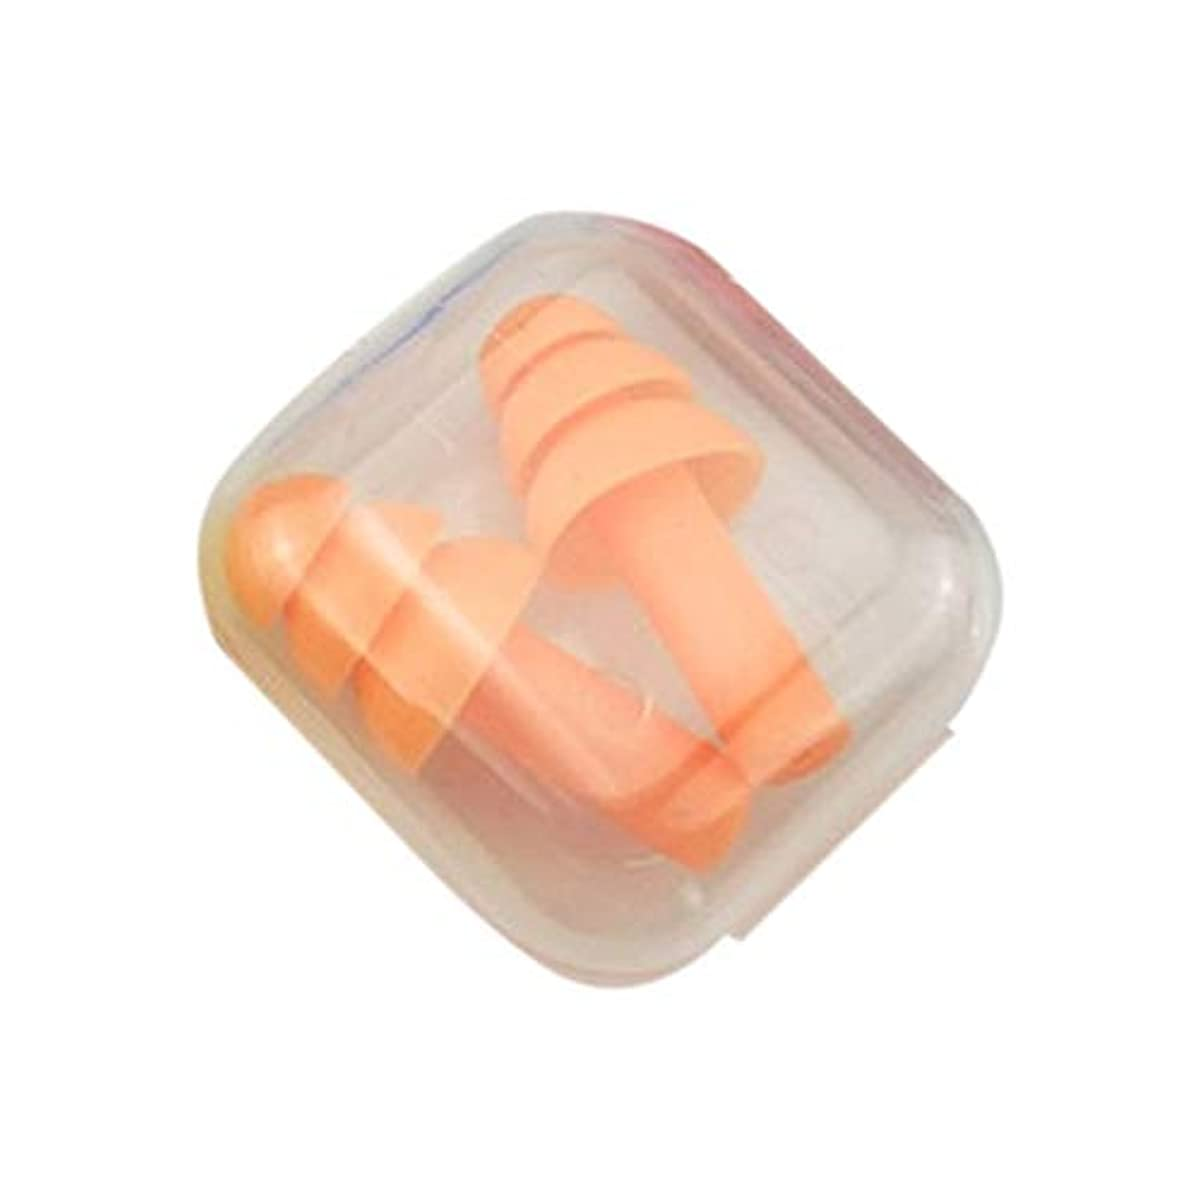 魚アダルトちっちゃい柔らかいシリコーンの耳栓遮音用耳の保護用の耳栓防音睡眠ボックス付き収納ボックス - オレンジ